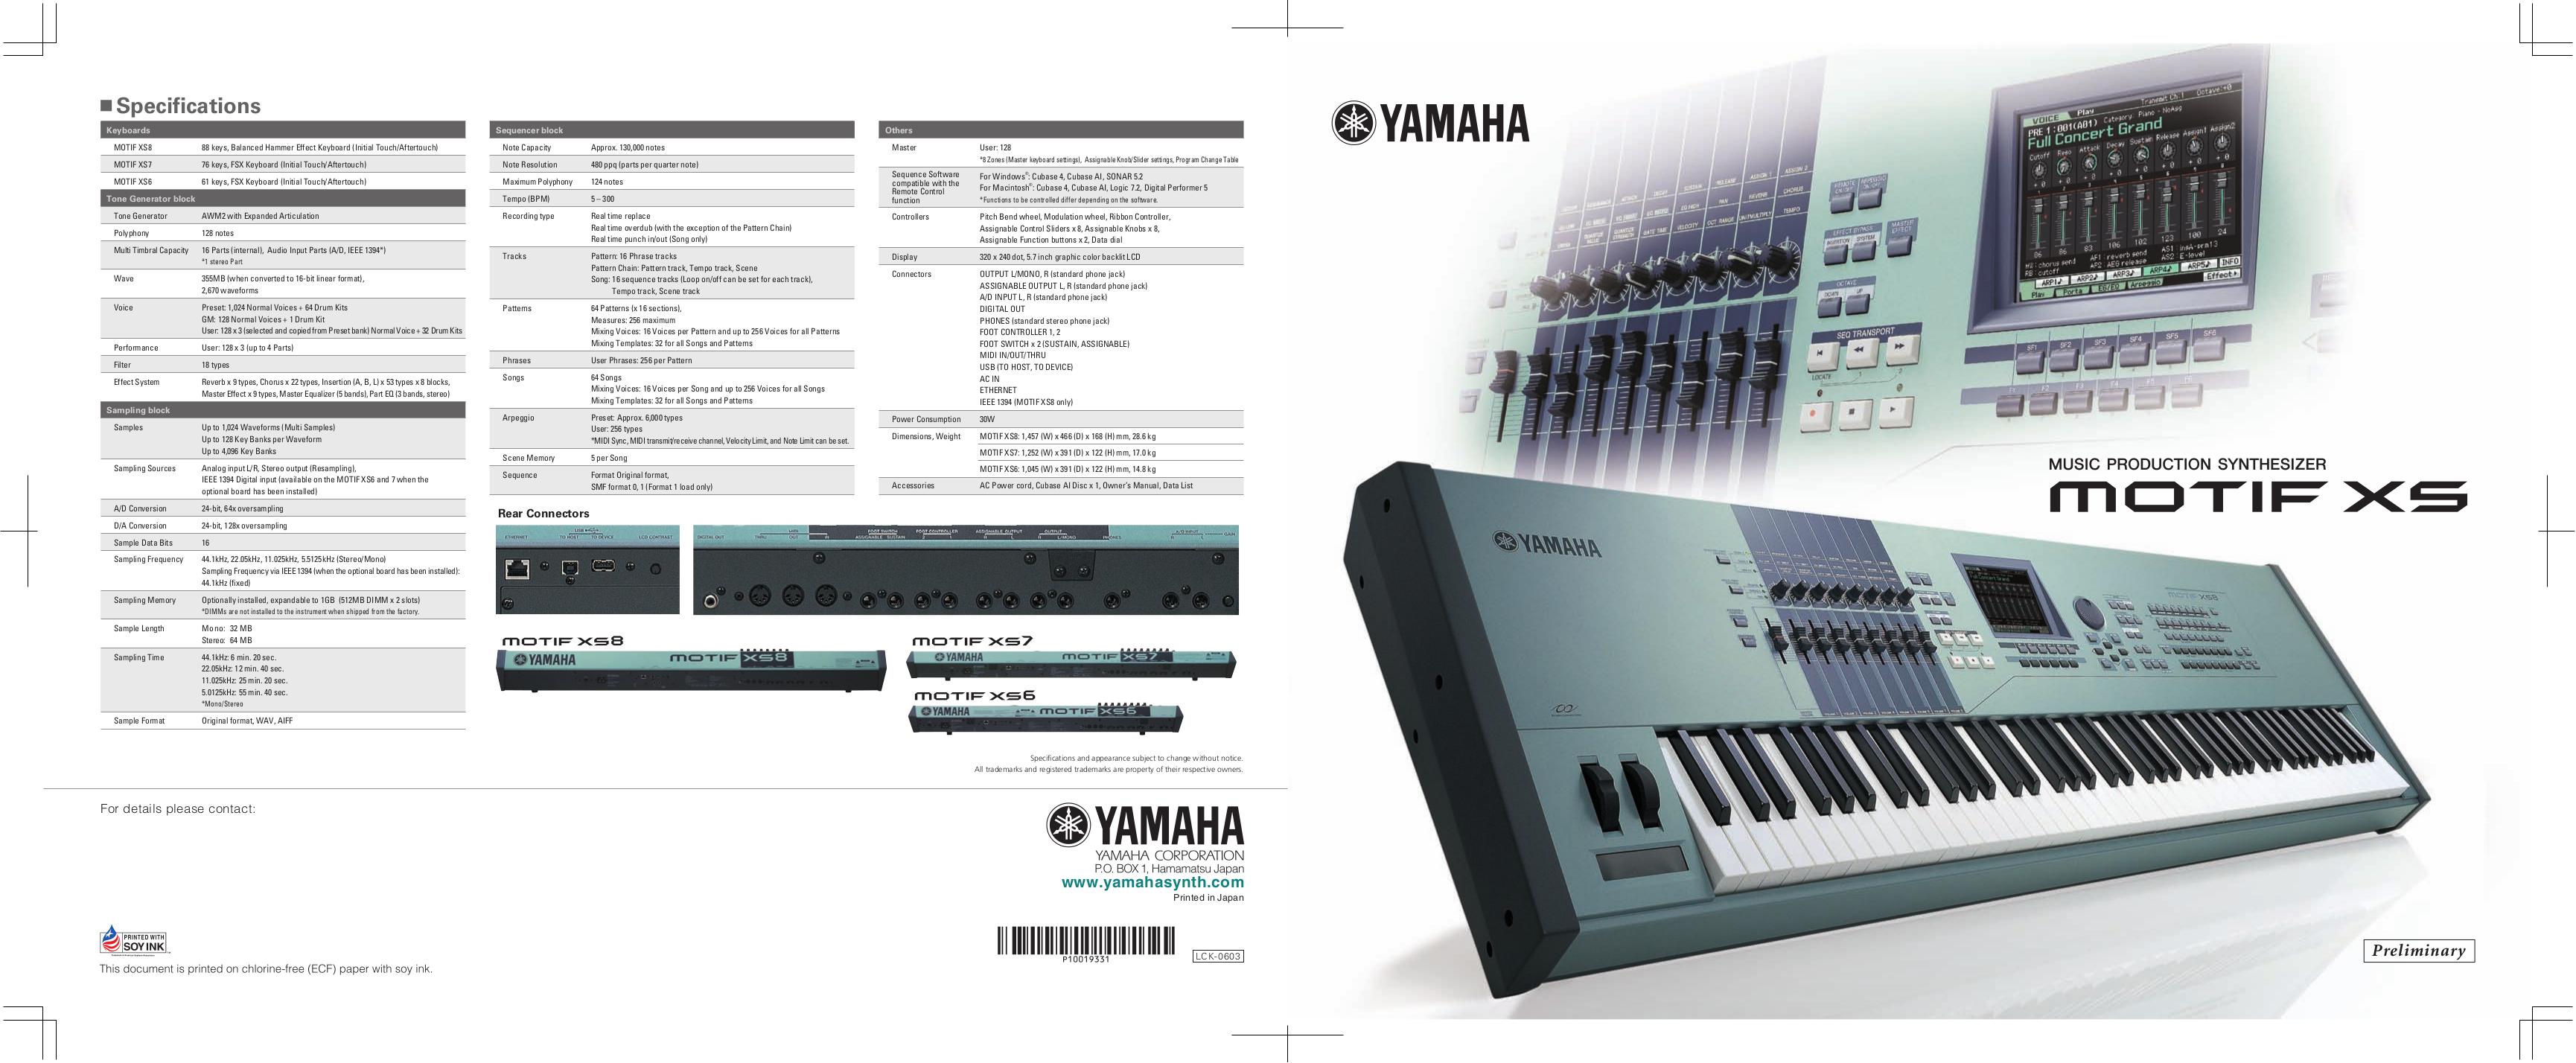 yamaha motif xs7 manual